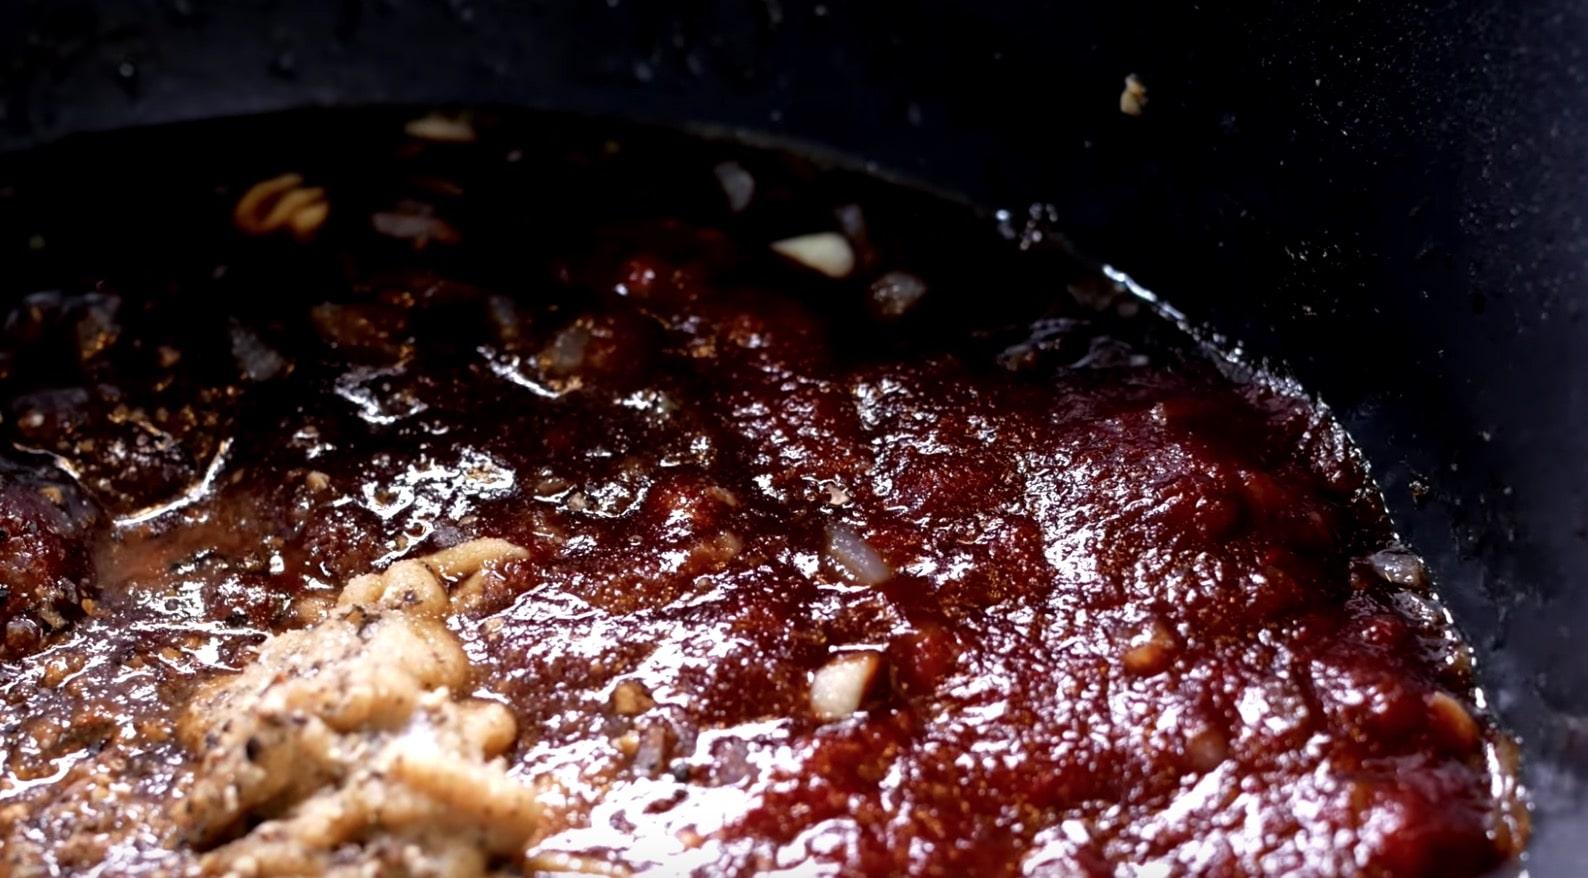 И добавляем горчицу, черный перец и соль